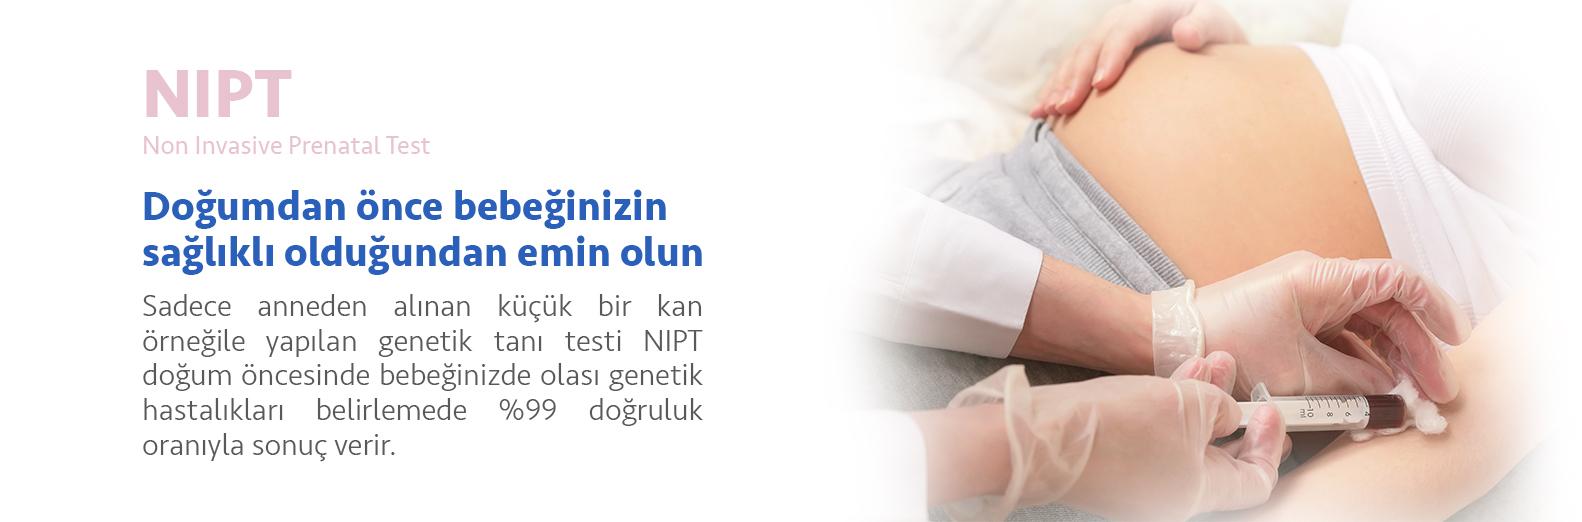 NIPT test